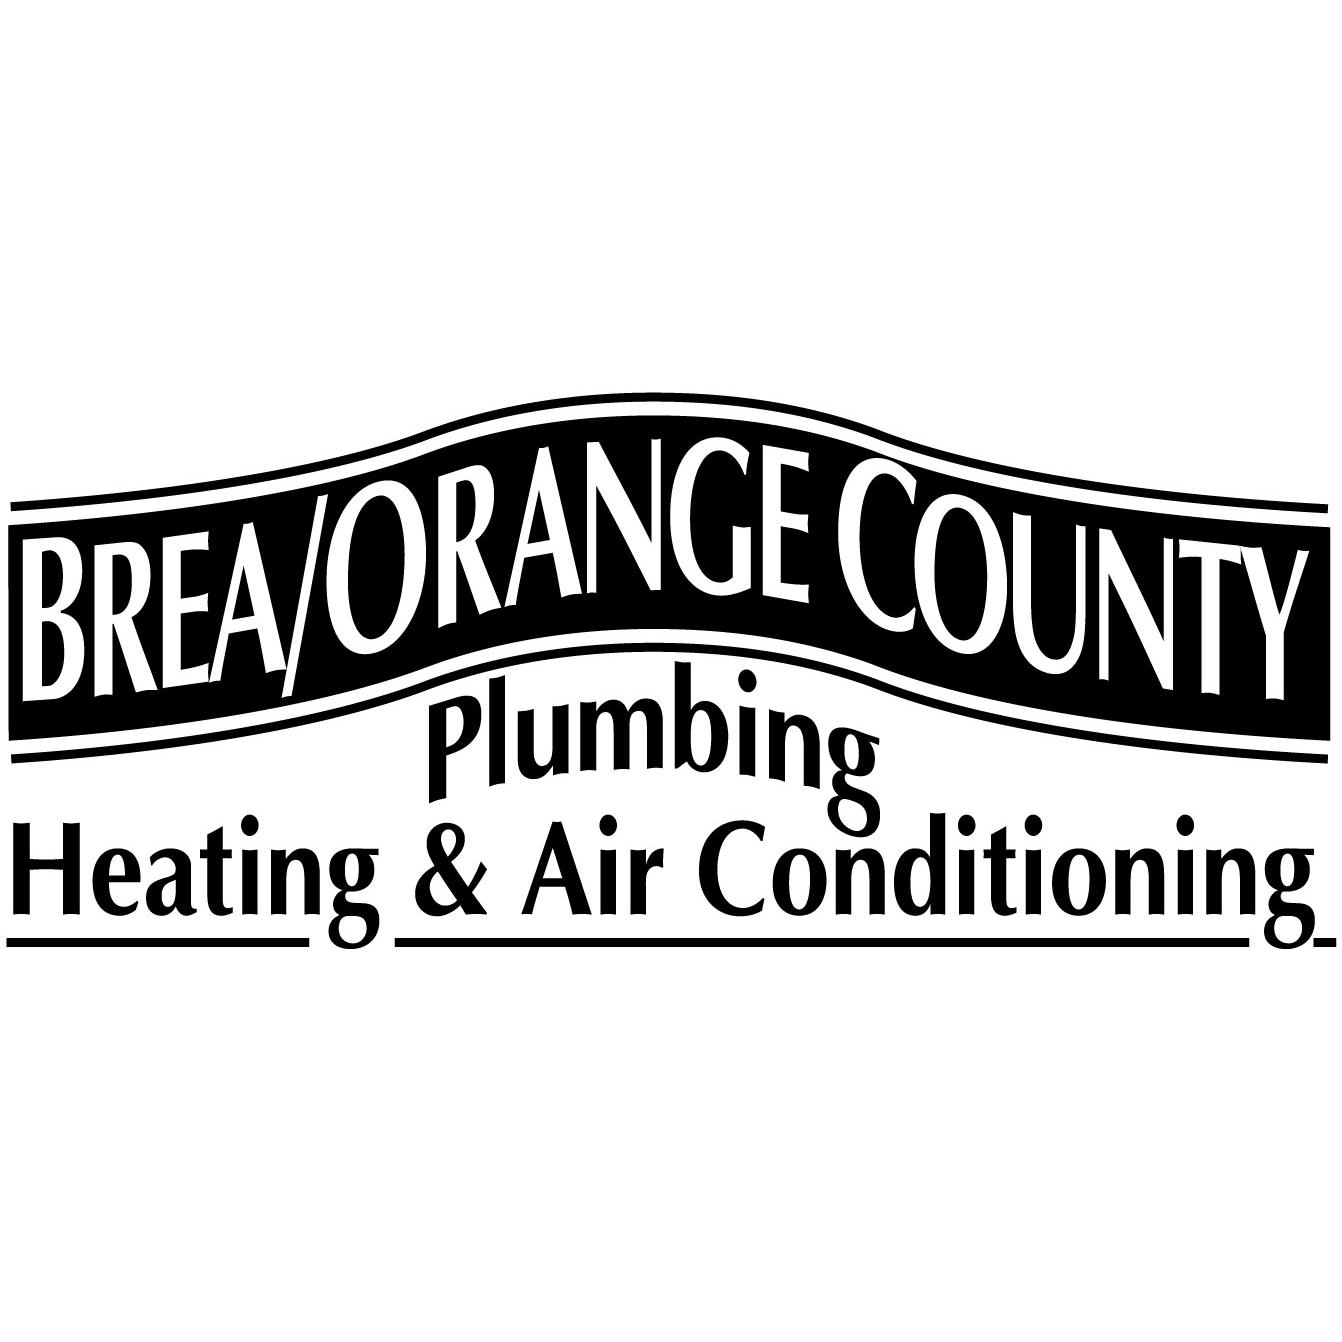 Brea/ Orange County